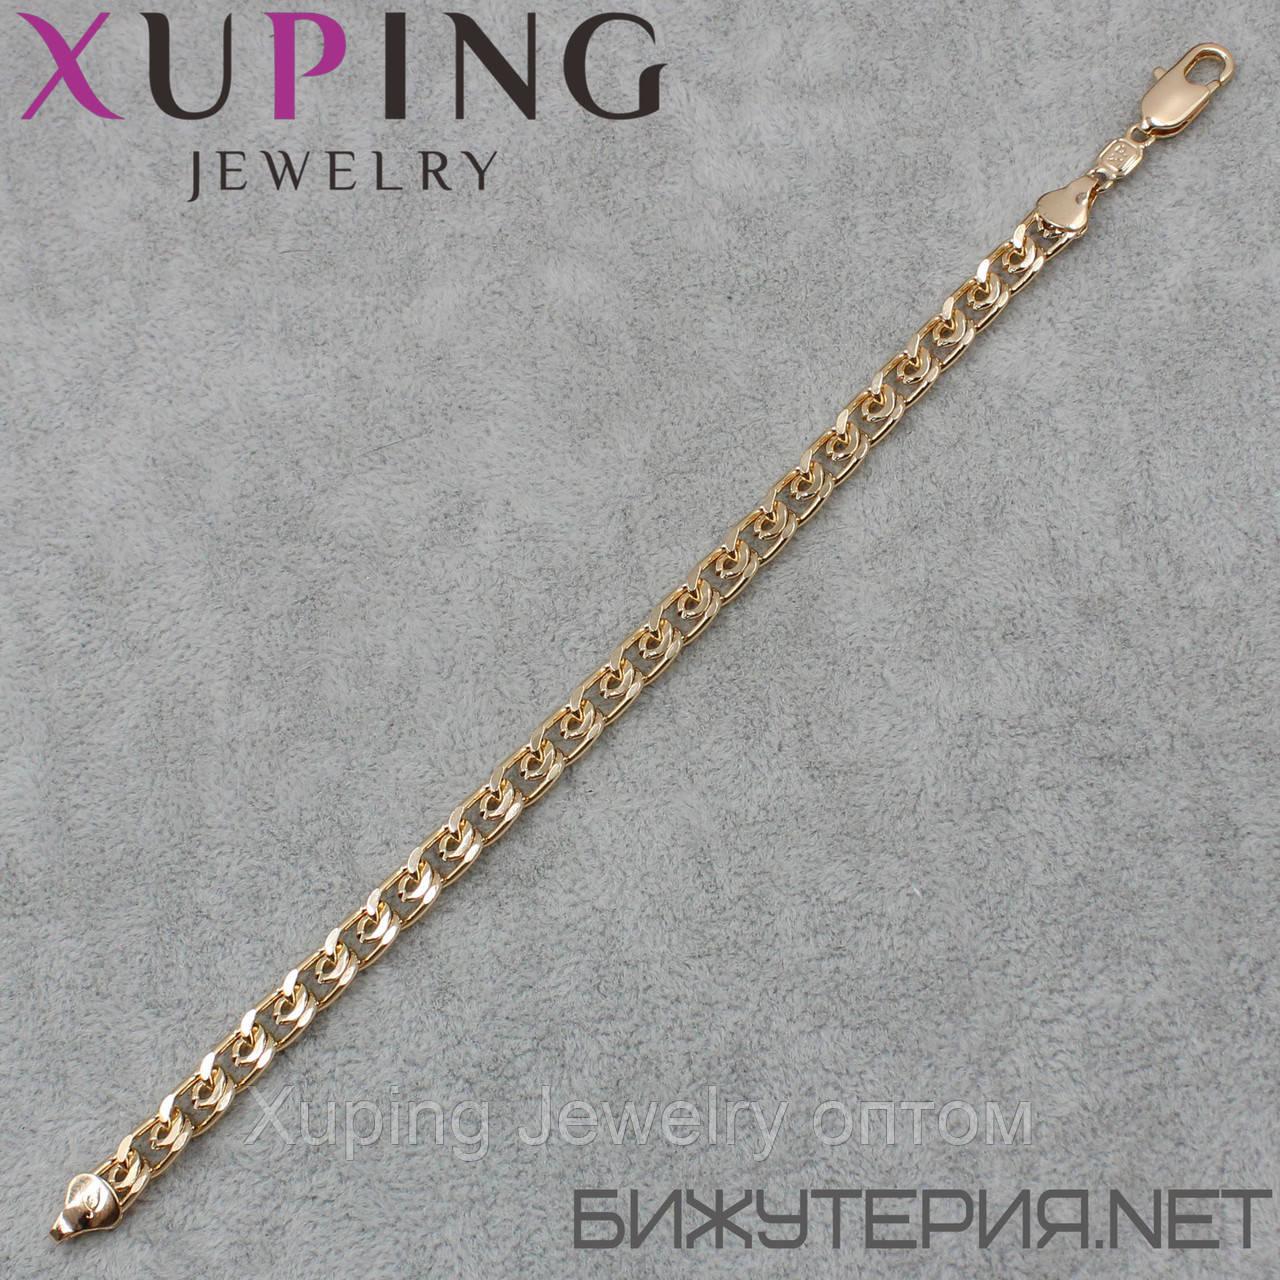 Xuping браслет xpgb8